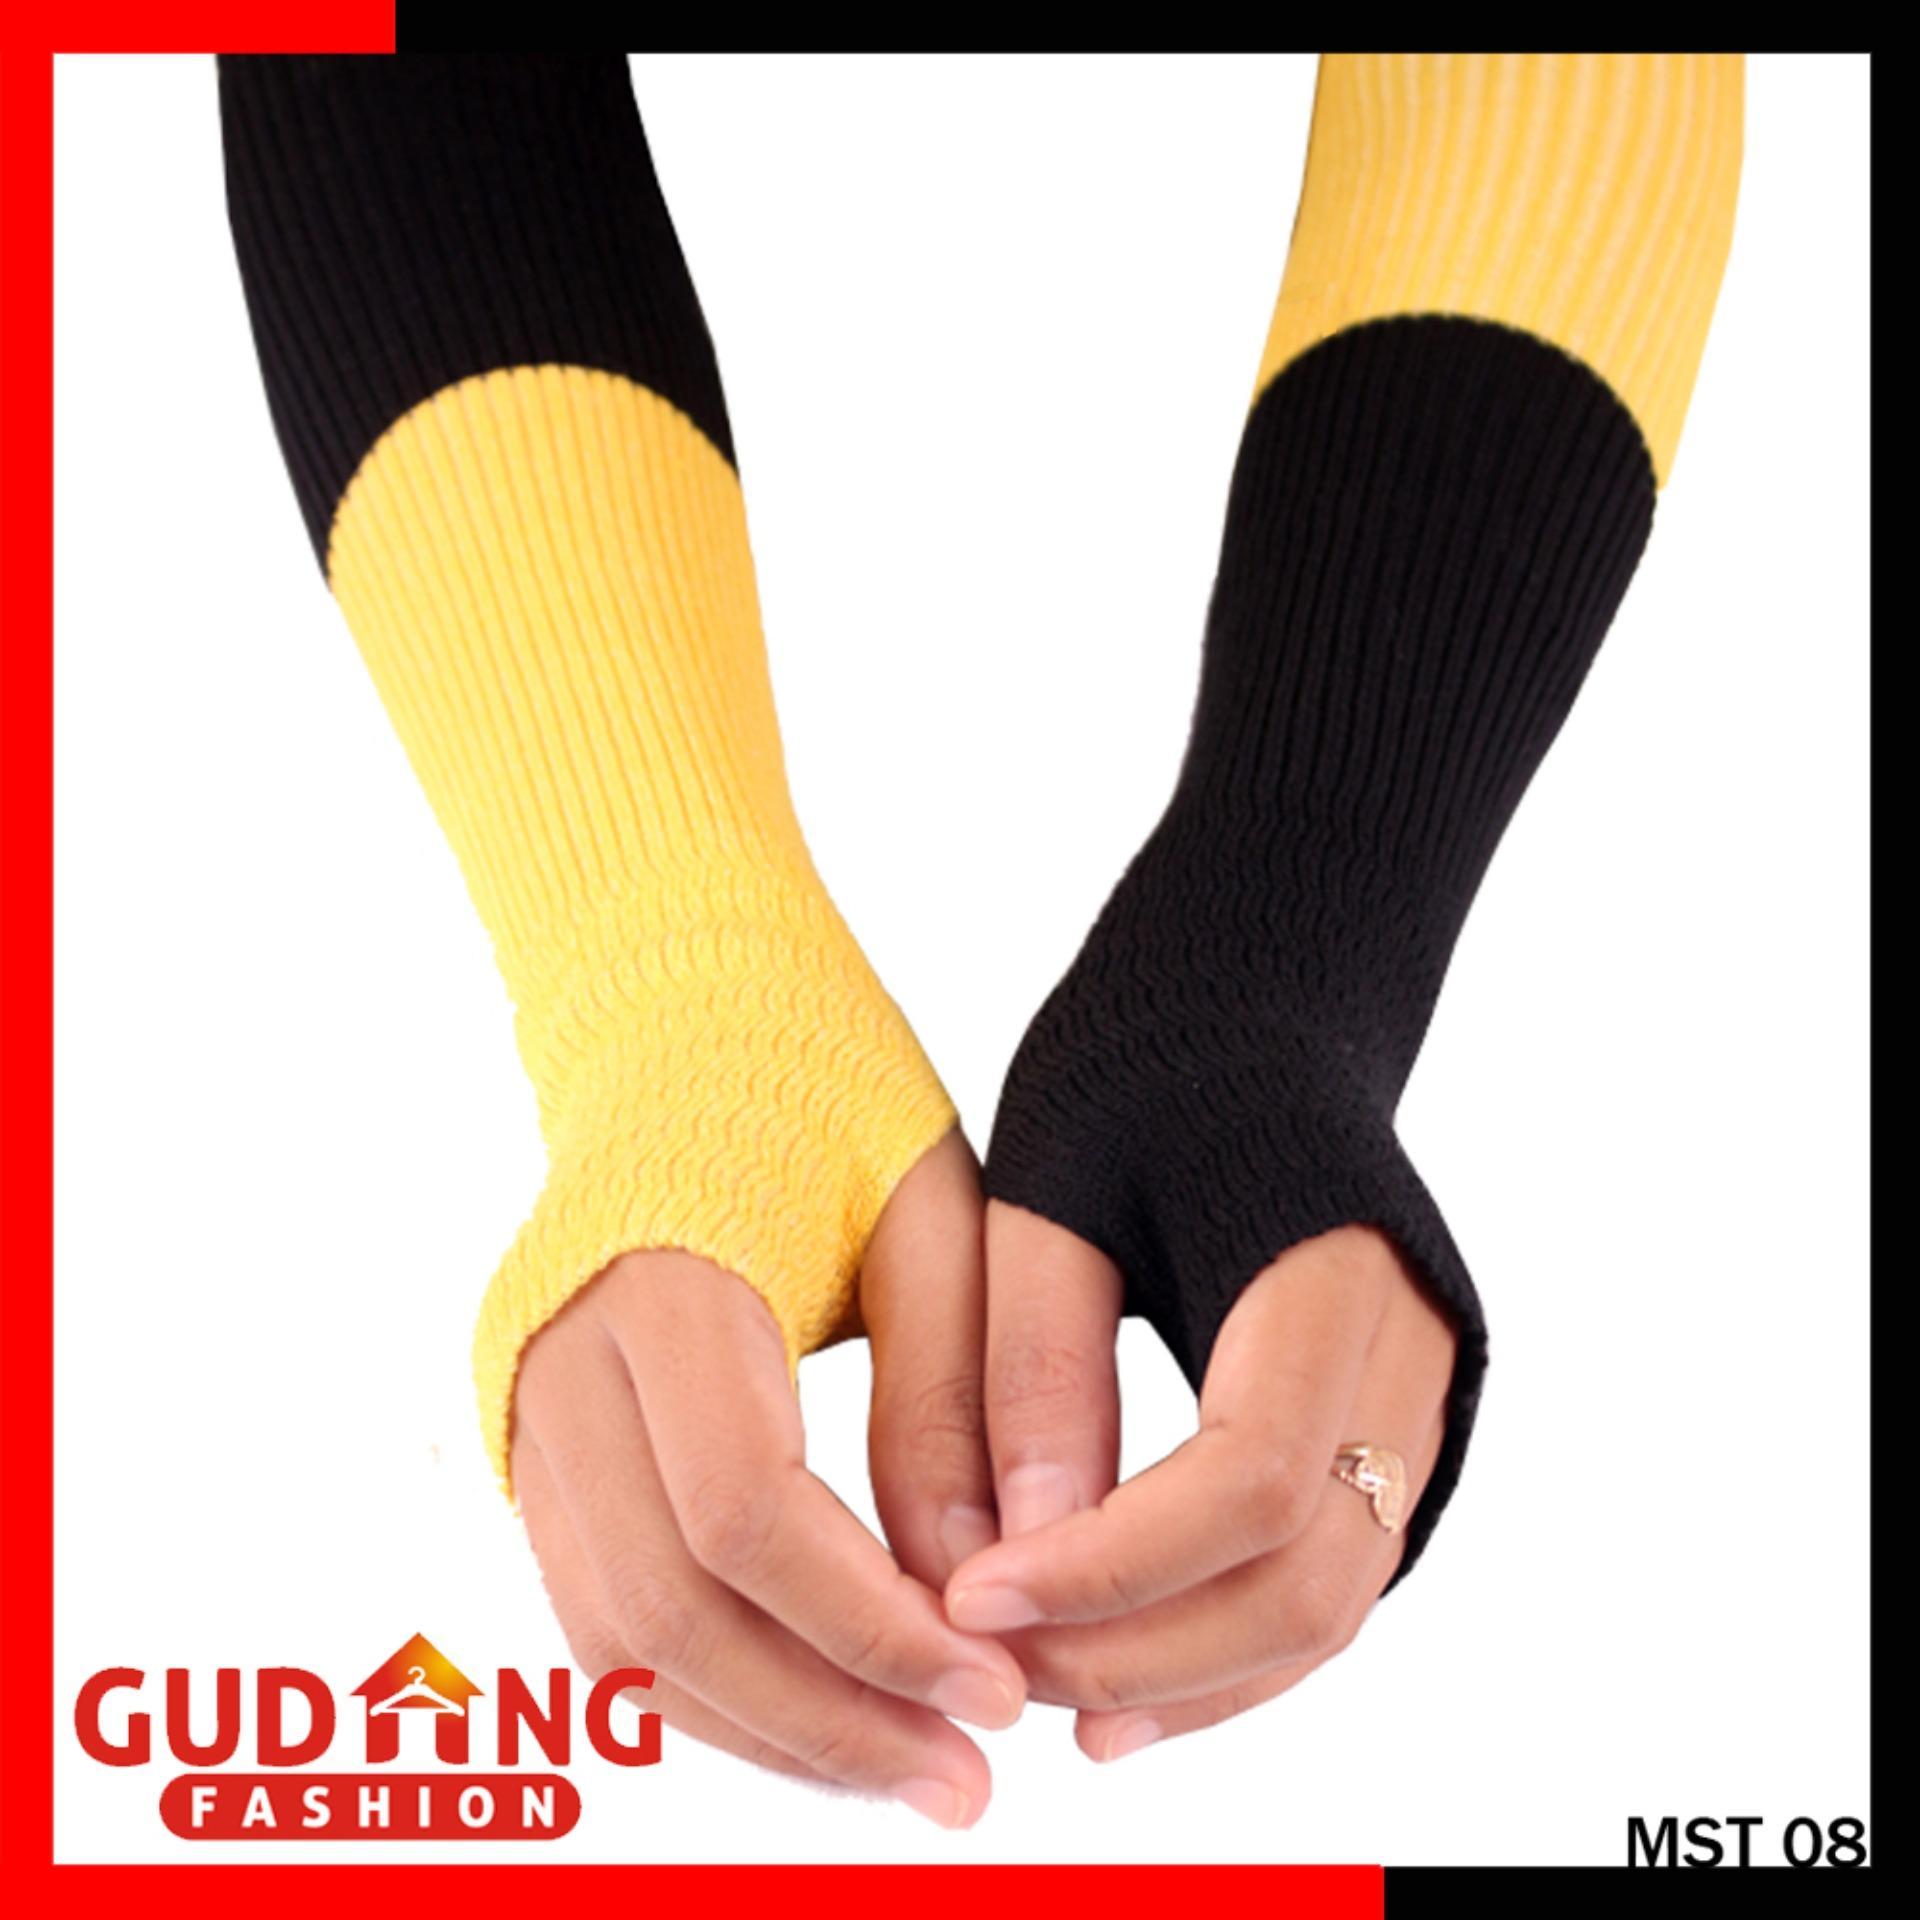 Rp 16.400. Gudang Fashion - Hand Sock Manset Tangan Rajut ...